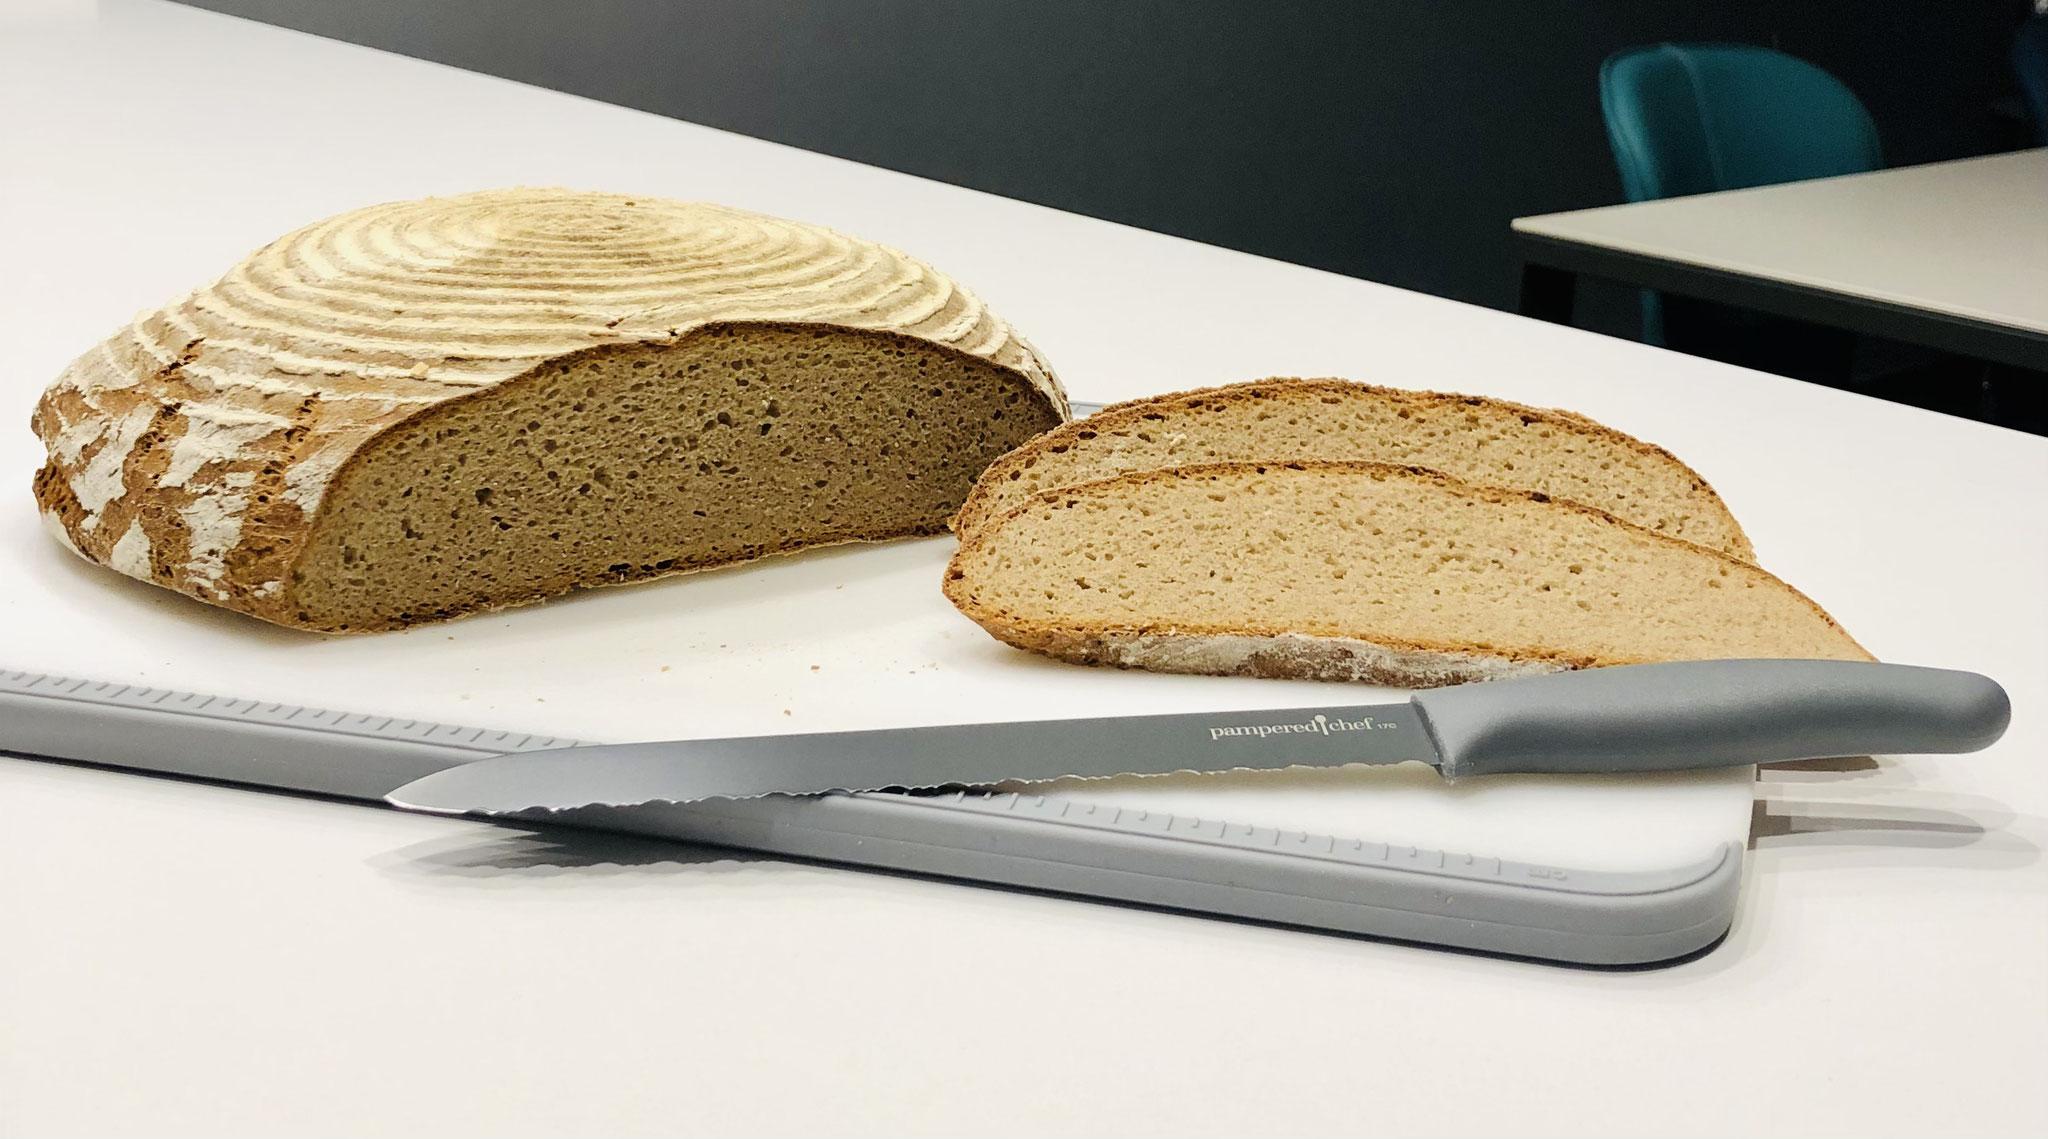 Mit dem tollen Pampered Chef Brotmesser schneidest du schöne Scheiben von dem schmackhaften Brot. Viel Spaß beim Nachbacken ♥